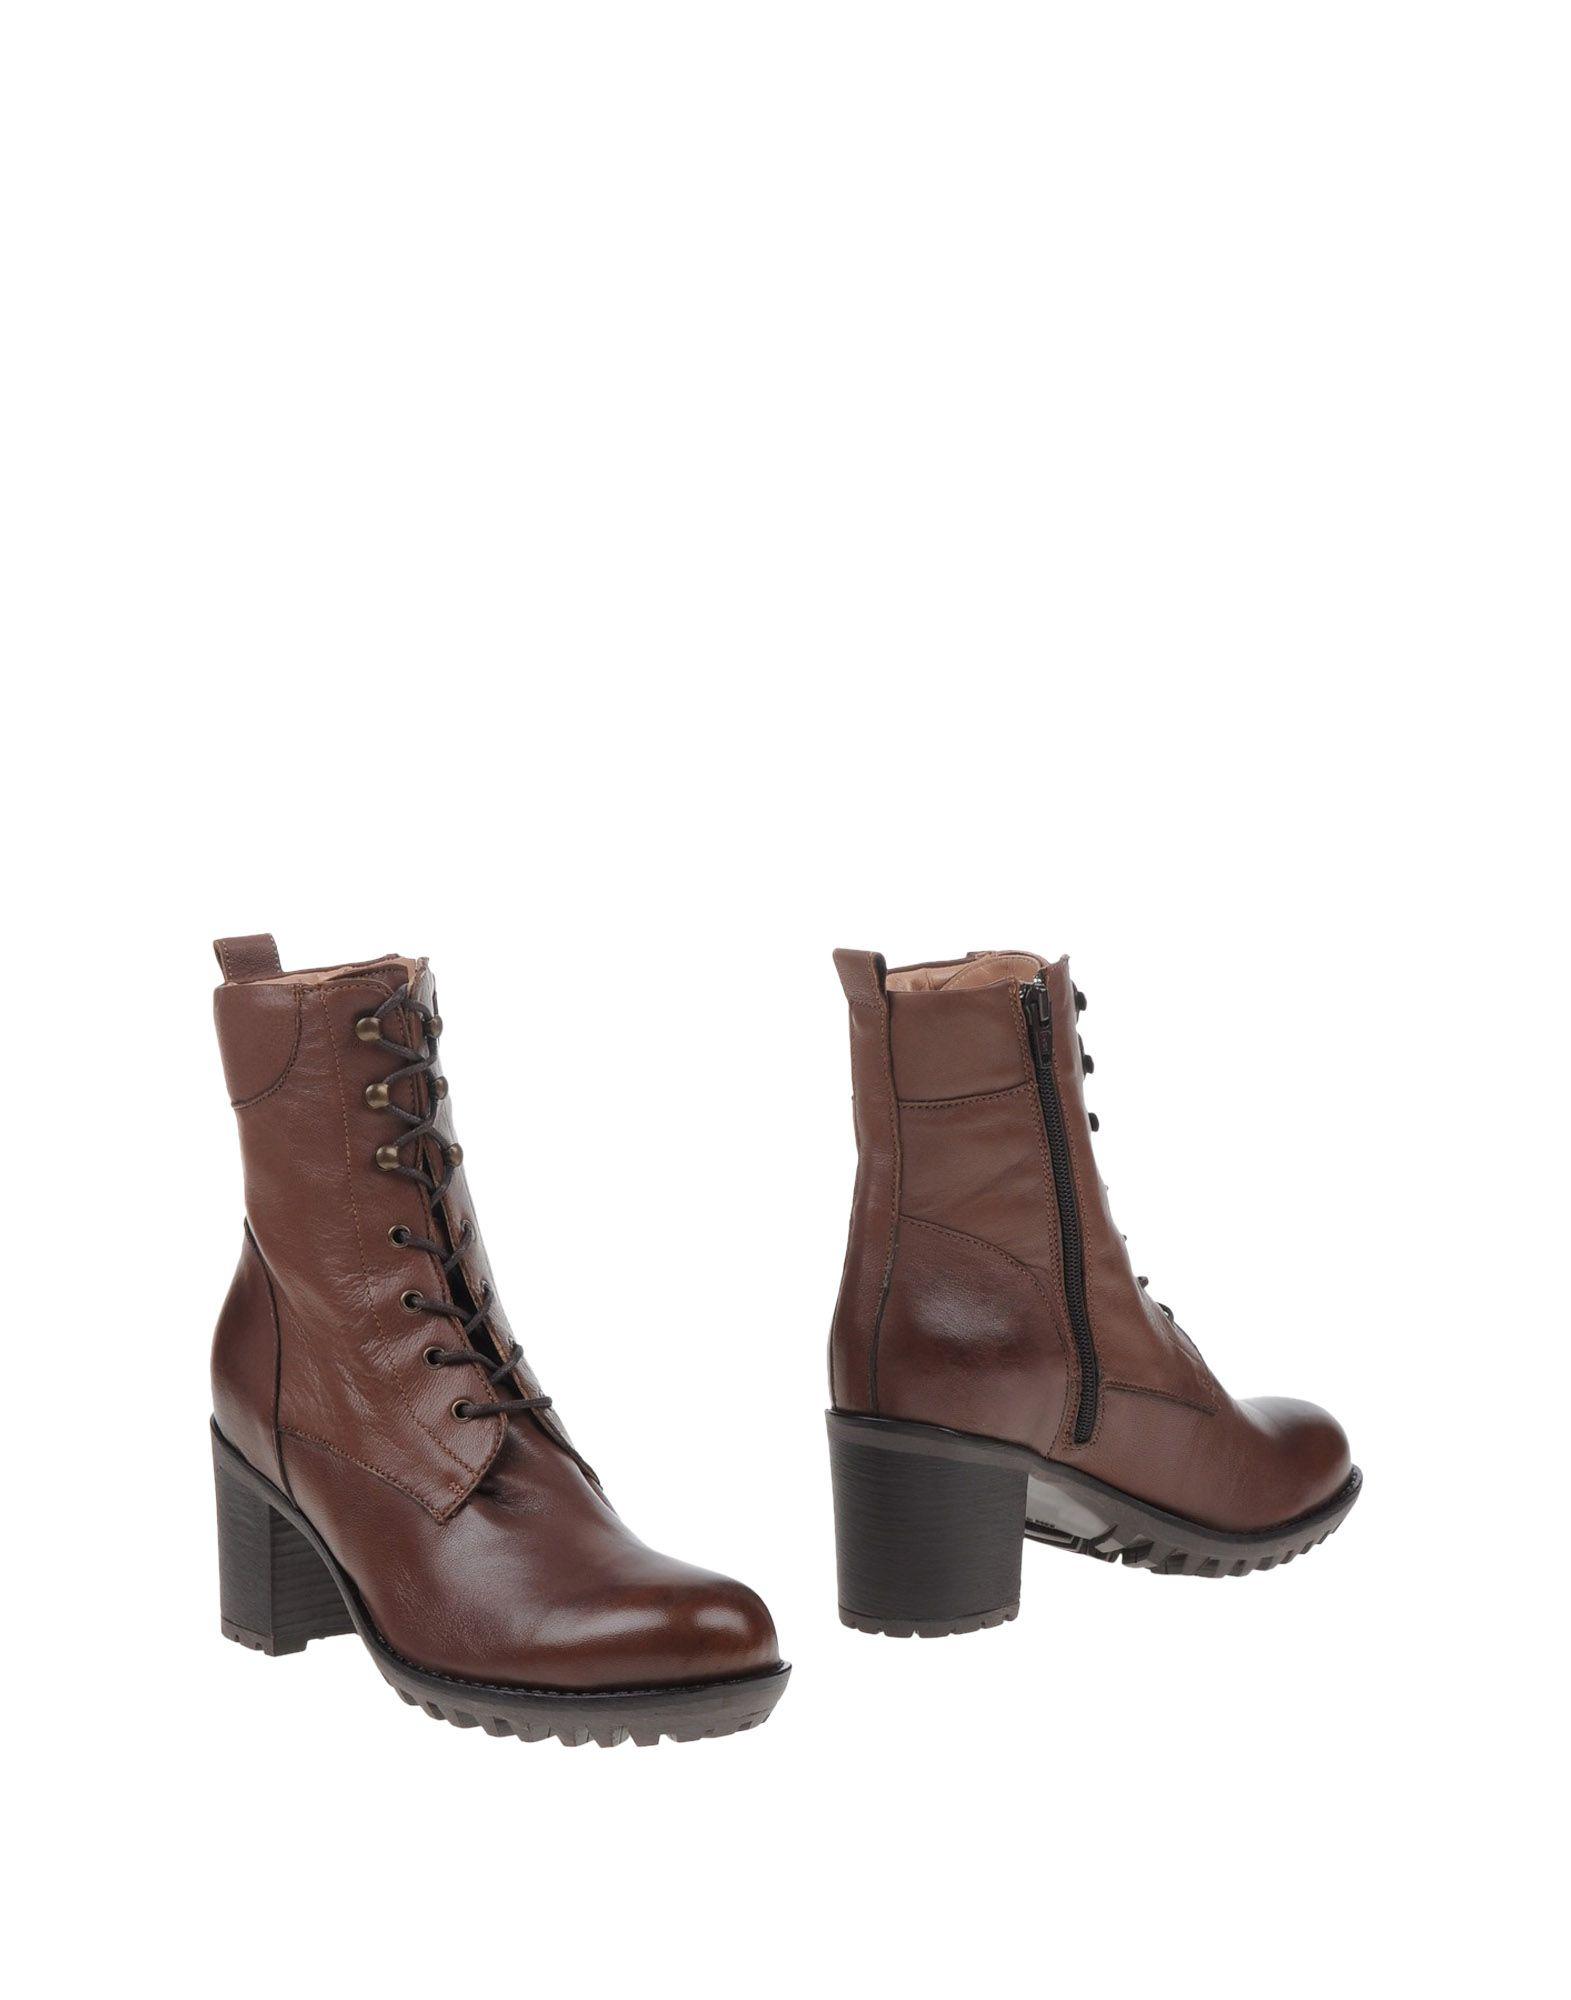 Gut um billige Schuhe zu tragenFiorangelo Stiefelette Stiefelette Stiefelette Damen  11029581MI 89ea8d